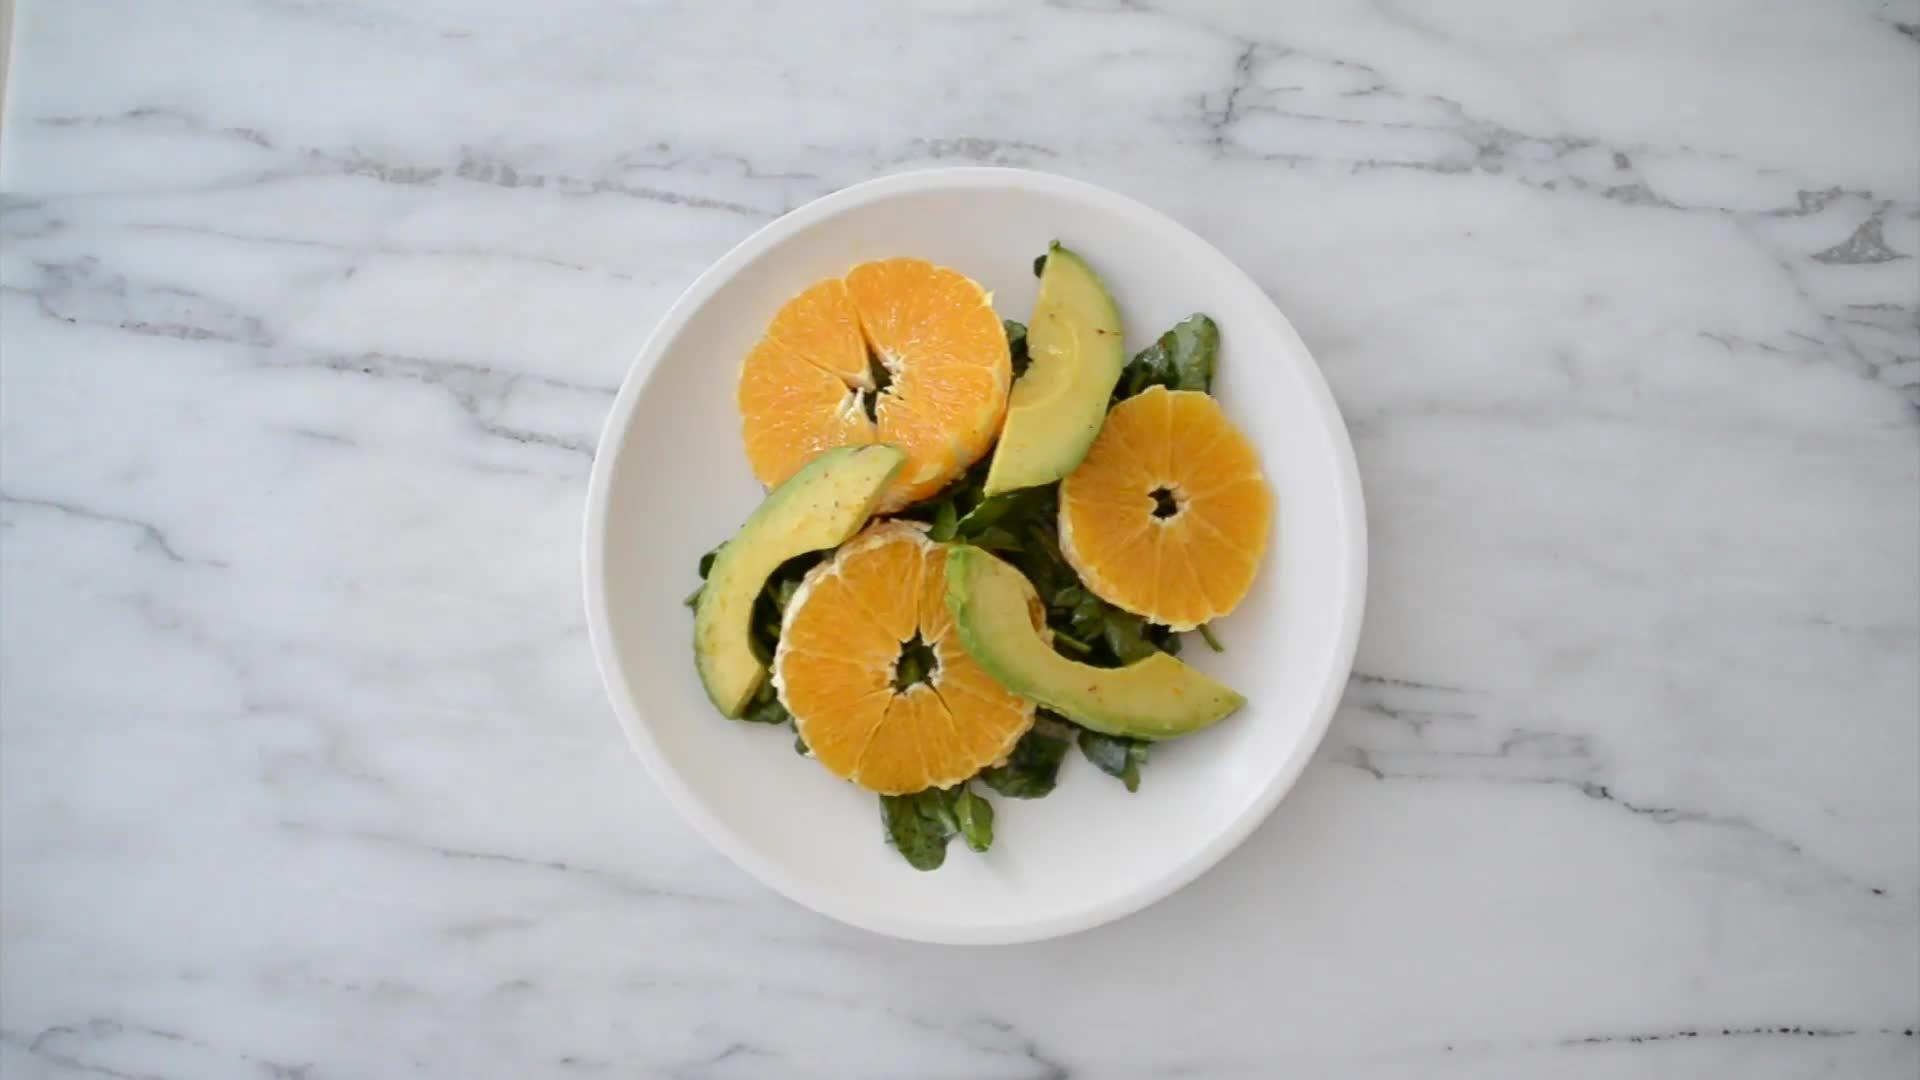 6 Ingredient Watercress Salad Recipe